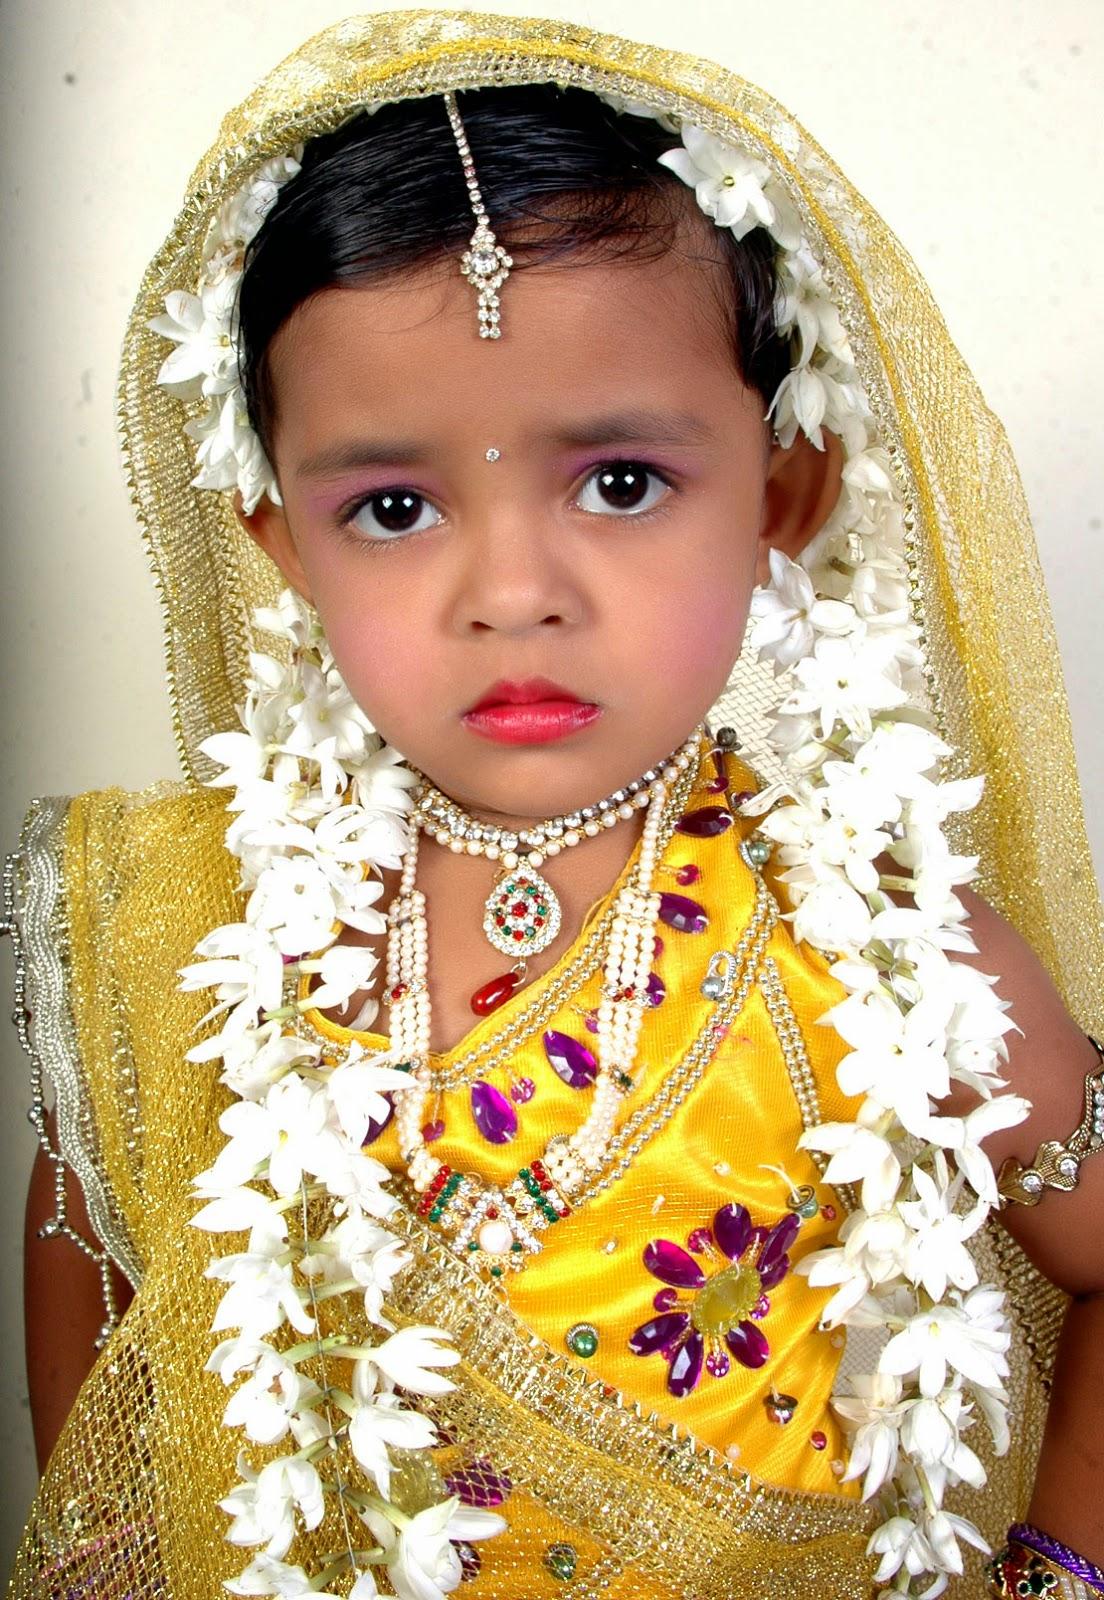 Cute baby girl kid